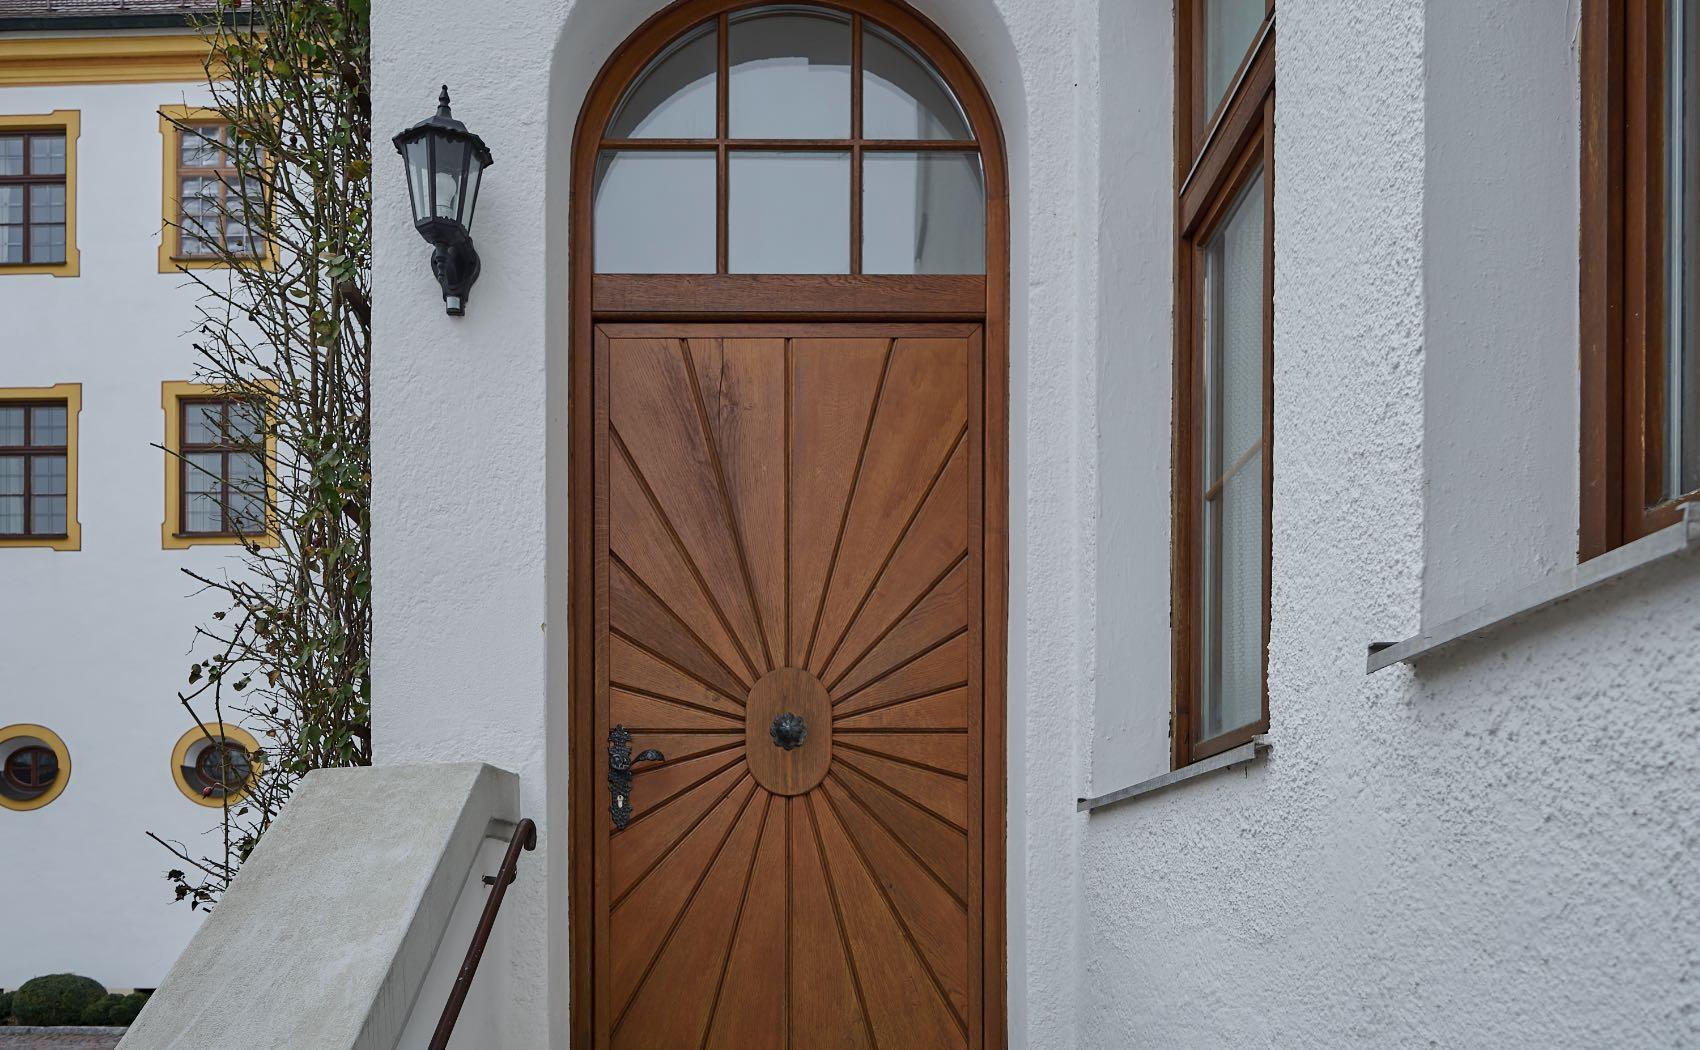 Eingangstüre aus Holz mit Oberlicht und Rundbogen